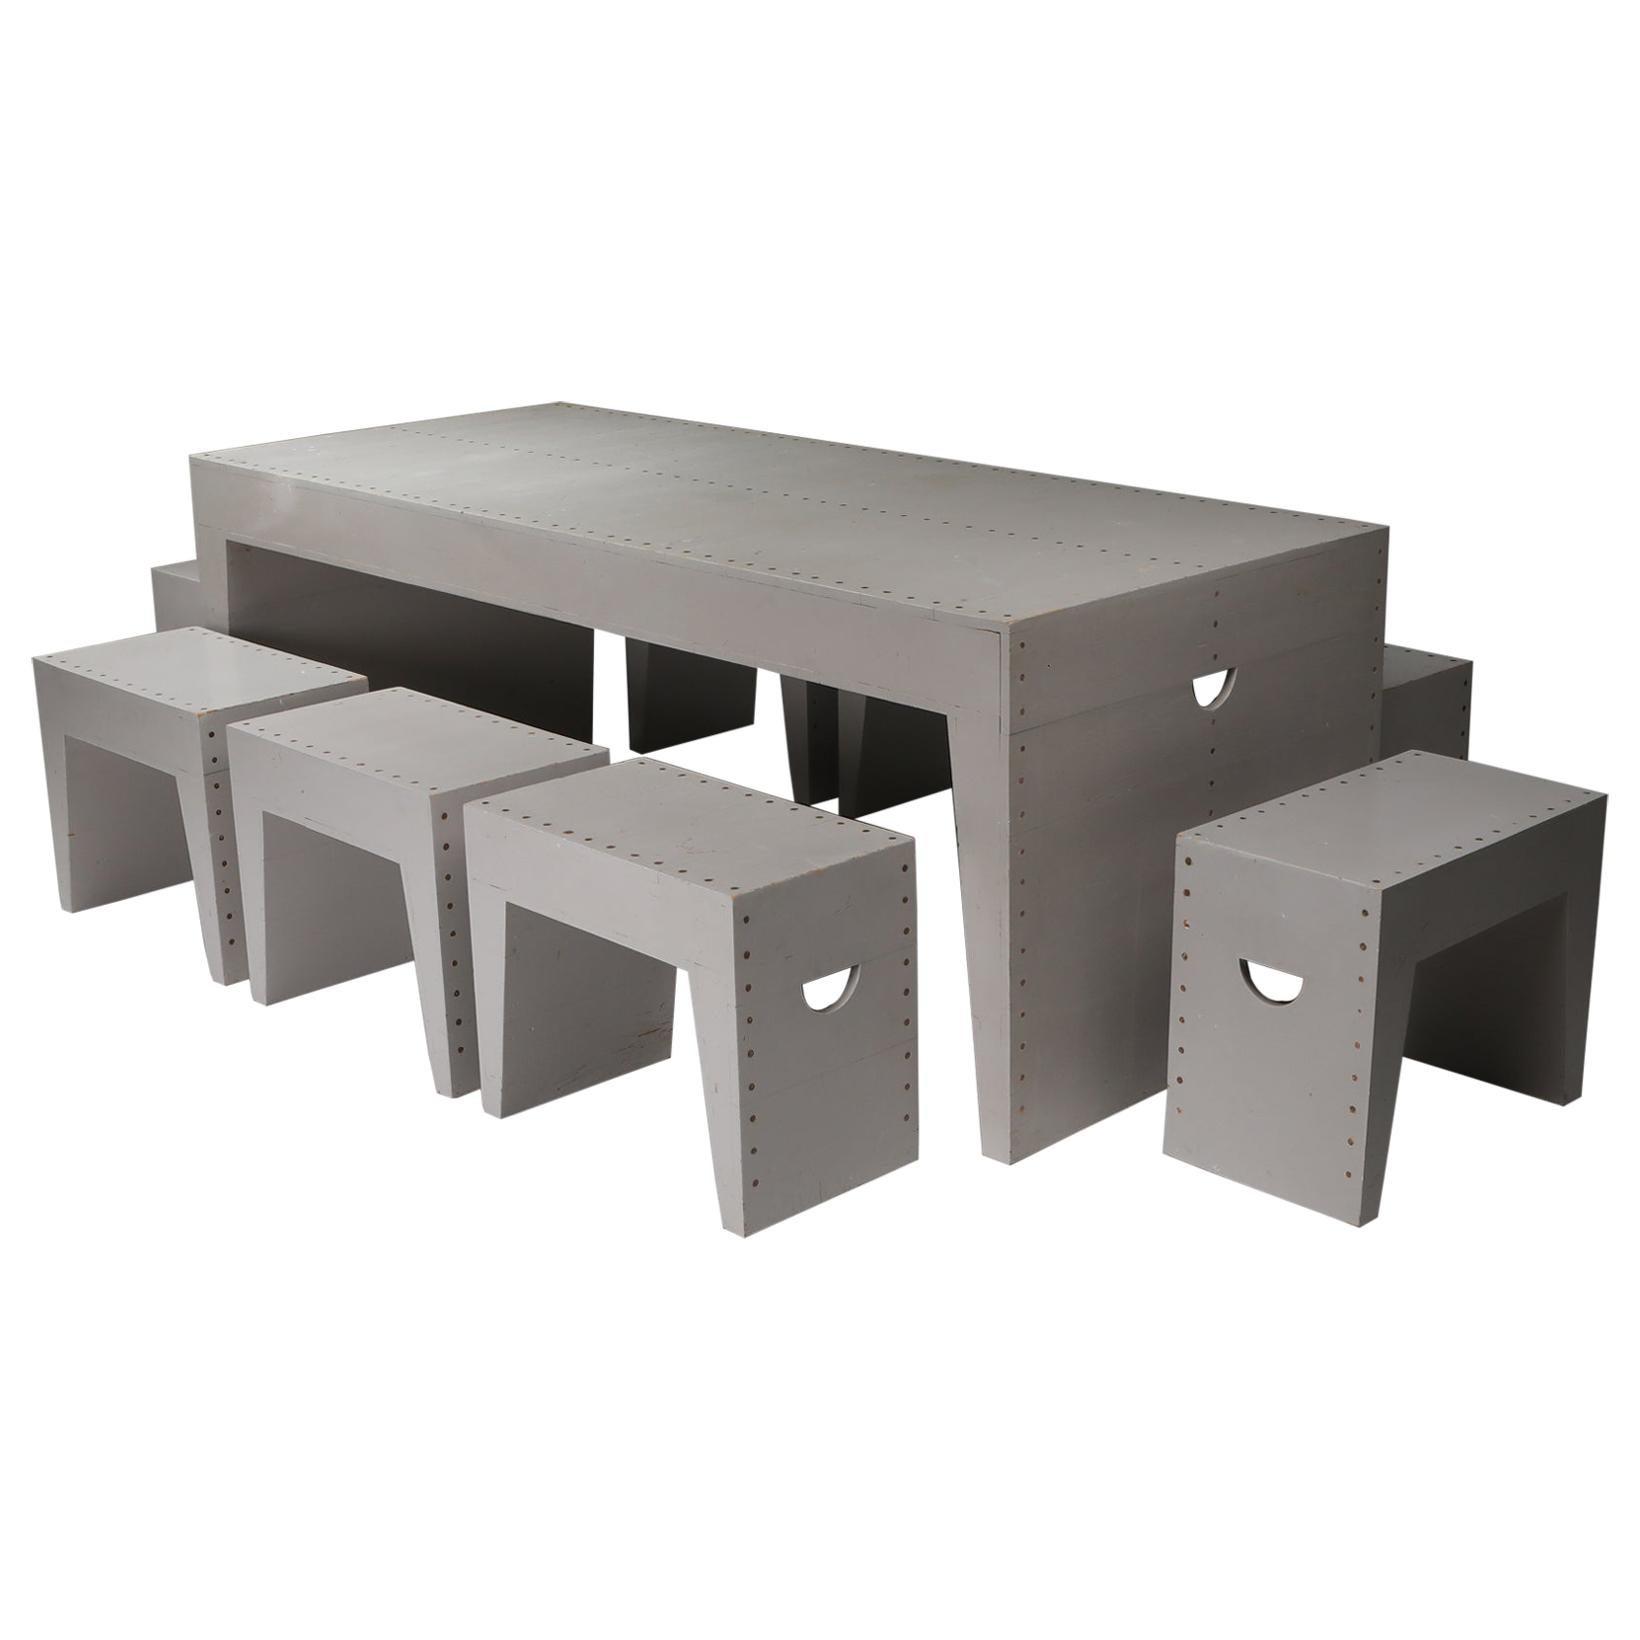 Bossche School Table and Stools, Dom Hans van der Laan, Jan De Jong